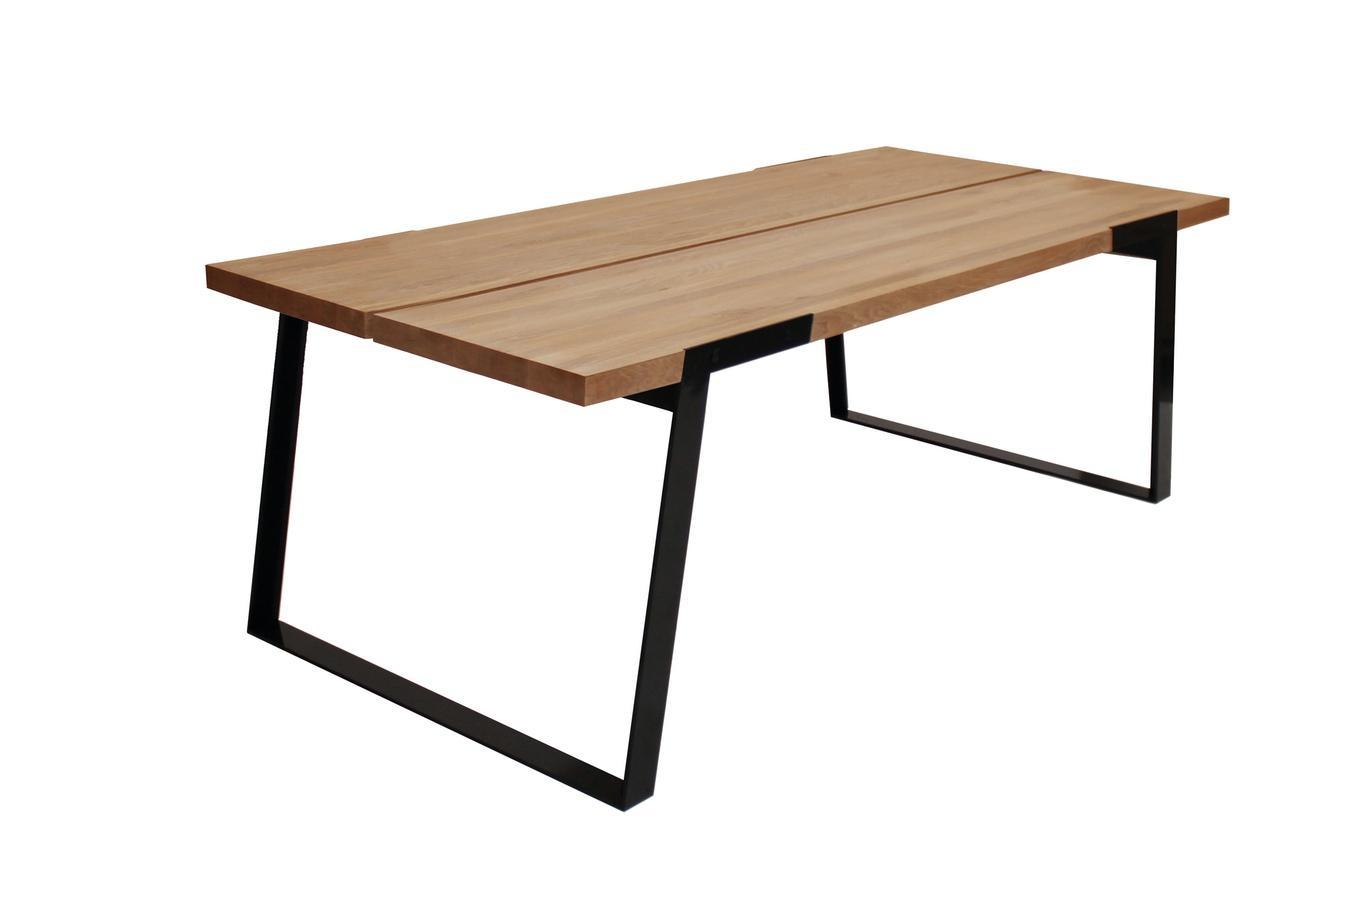 Luxusný jedálenský stôl Zora 240 - 360cm  prírodná/čierna